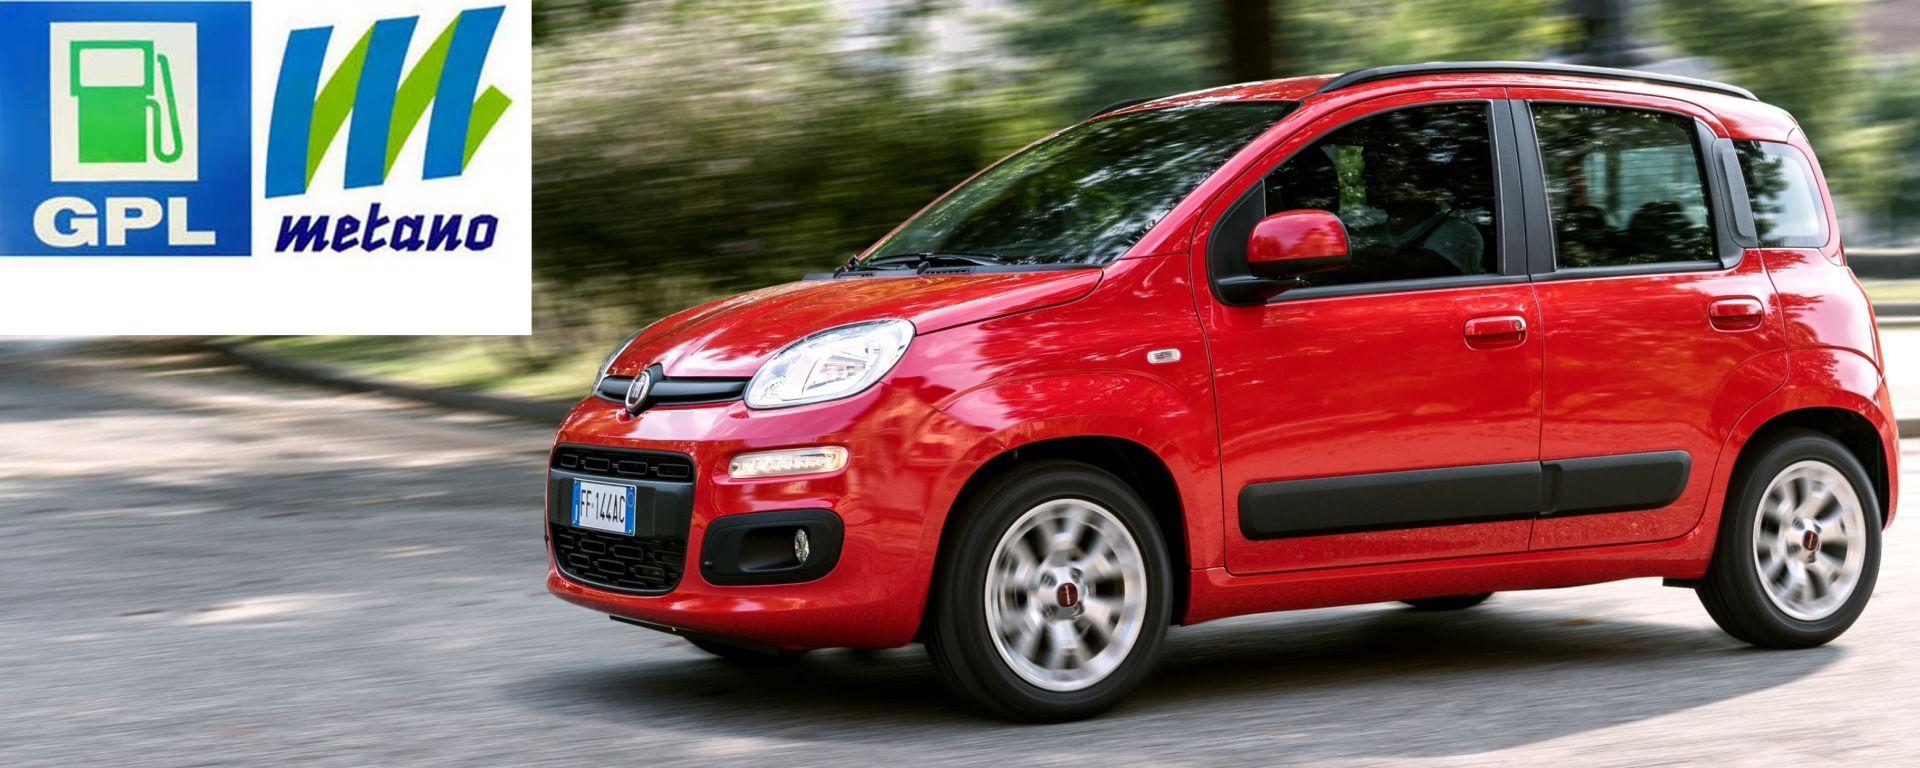 Fiat Panda, meglio a metano o a Gpl? Guida all'acquisto